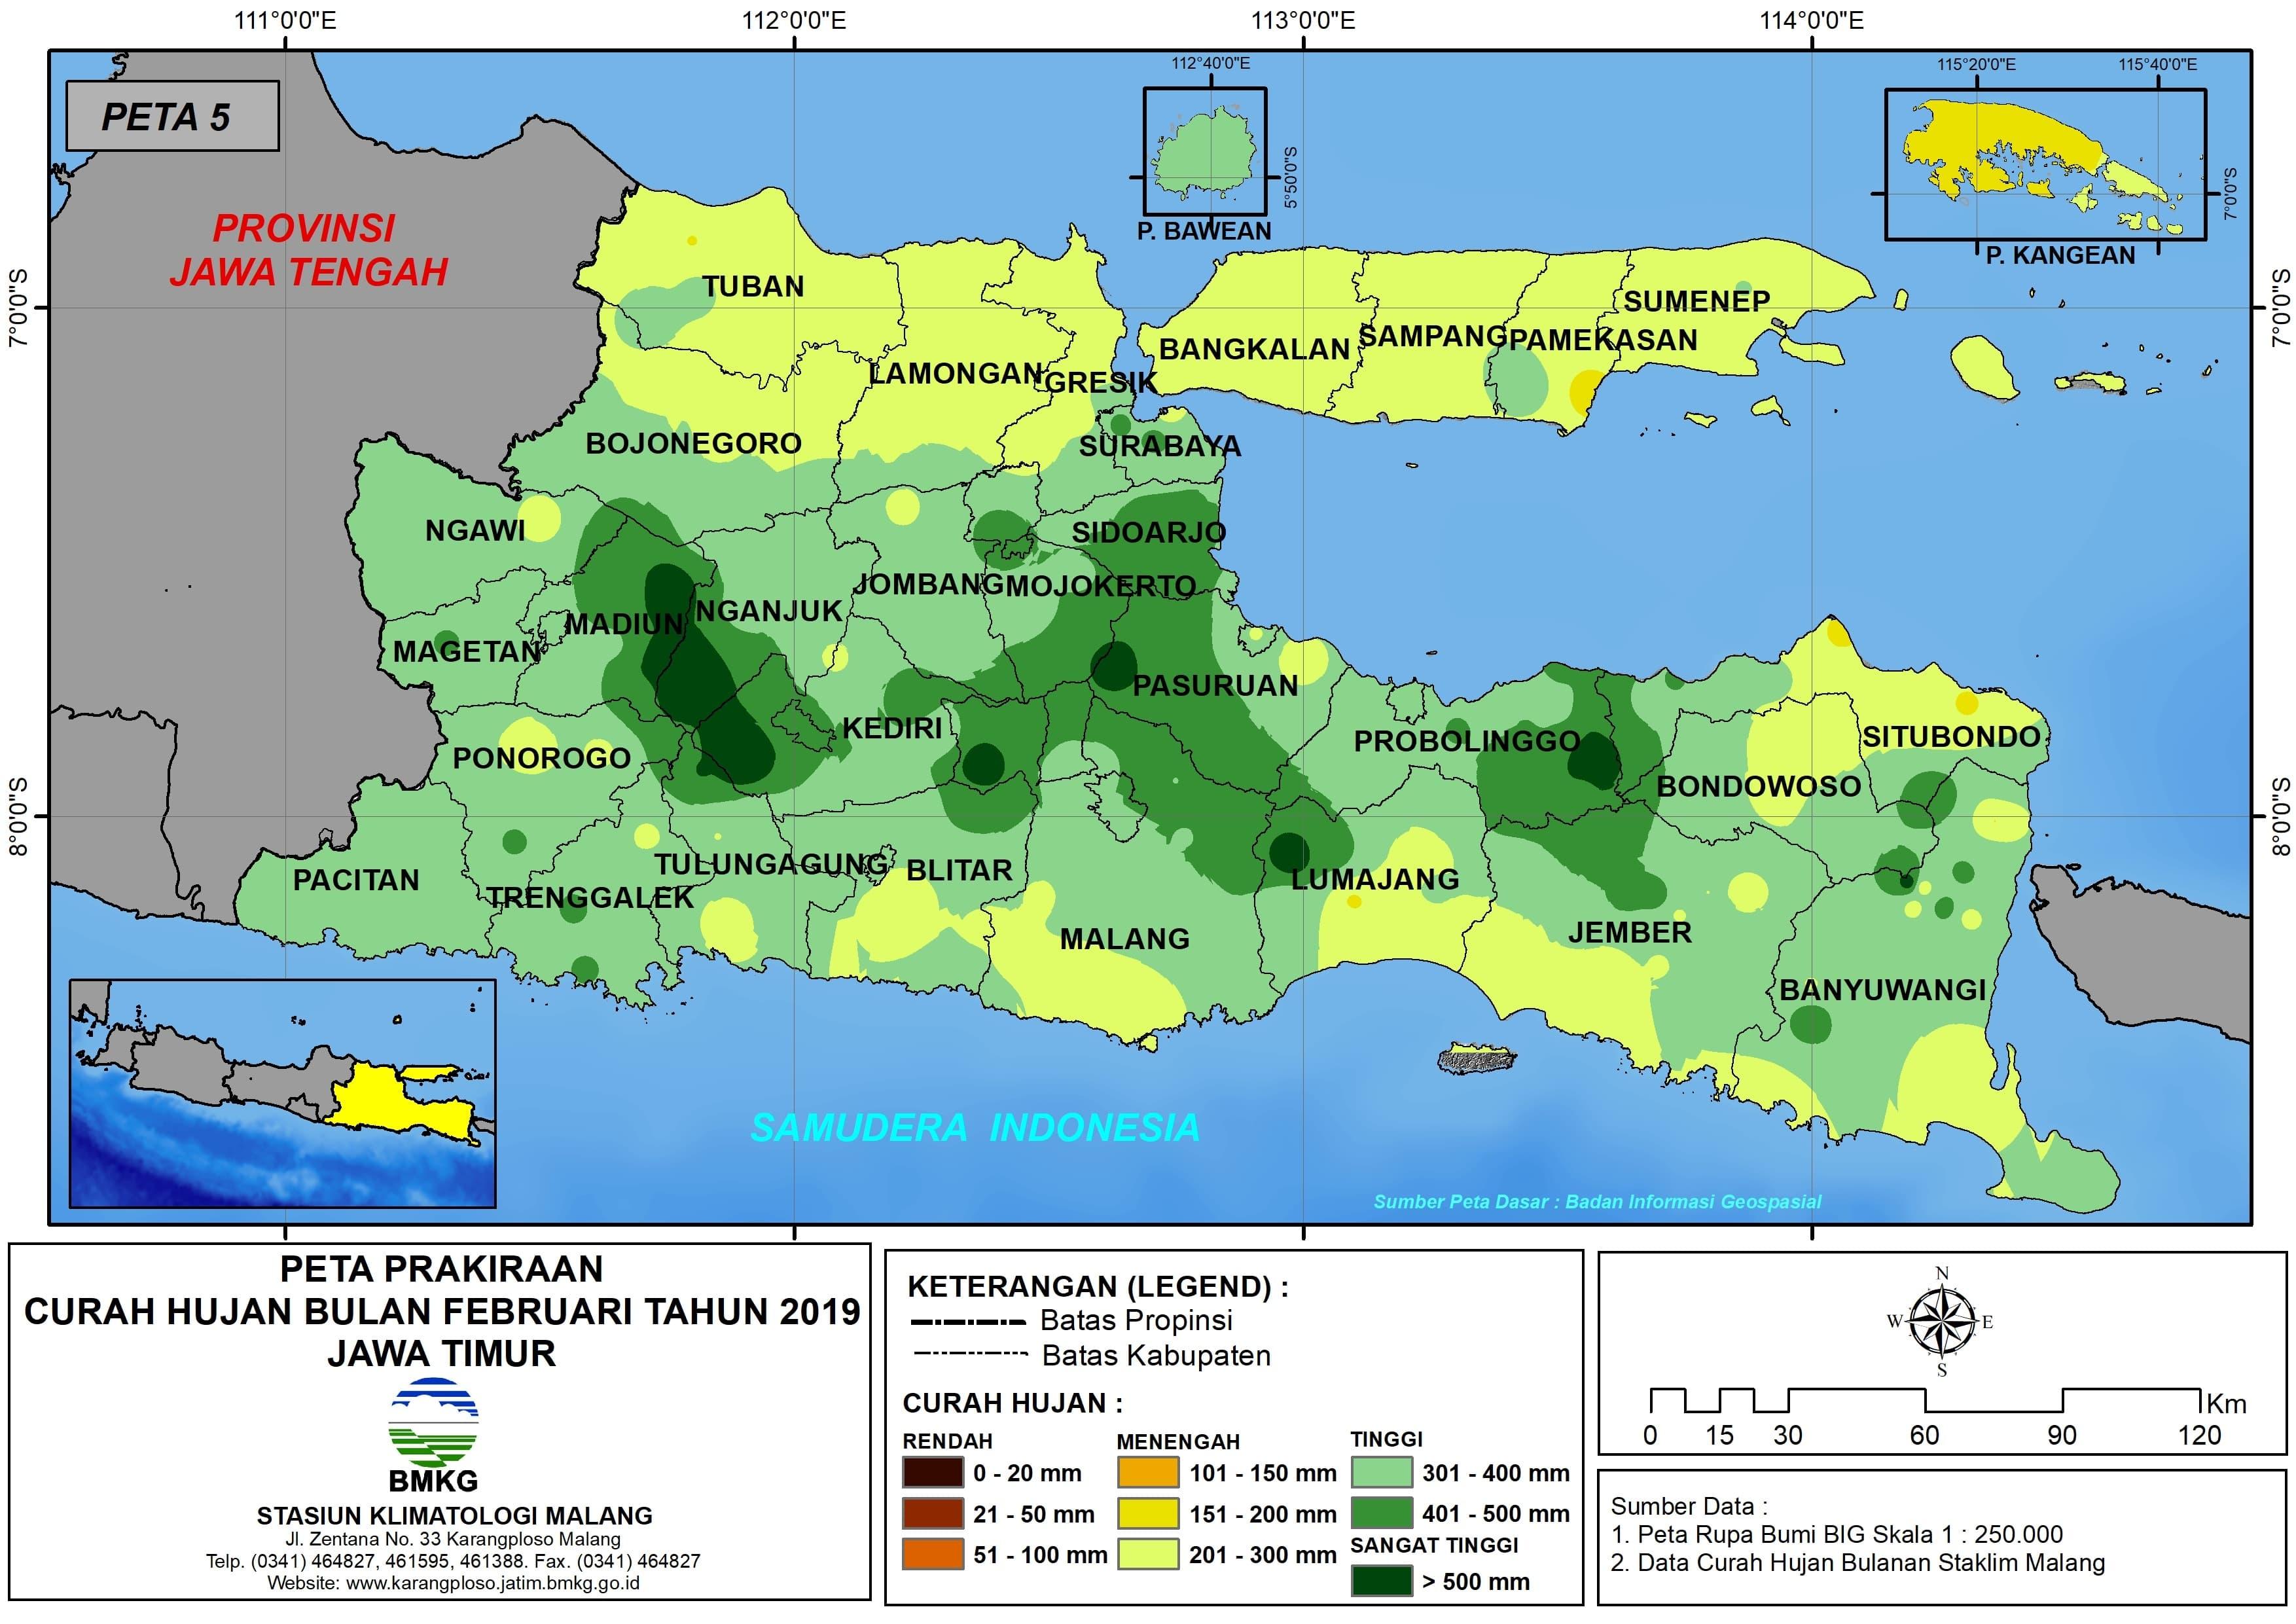 Prakiraan Curah Hujan Bulan Februari Tahun 2018 di Provinsi Jawa Timur Update dari Analisis Bulan Desember 2018